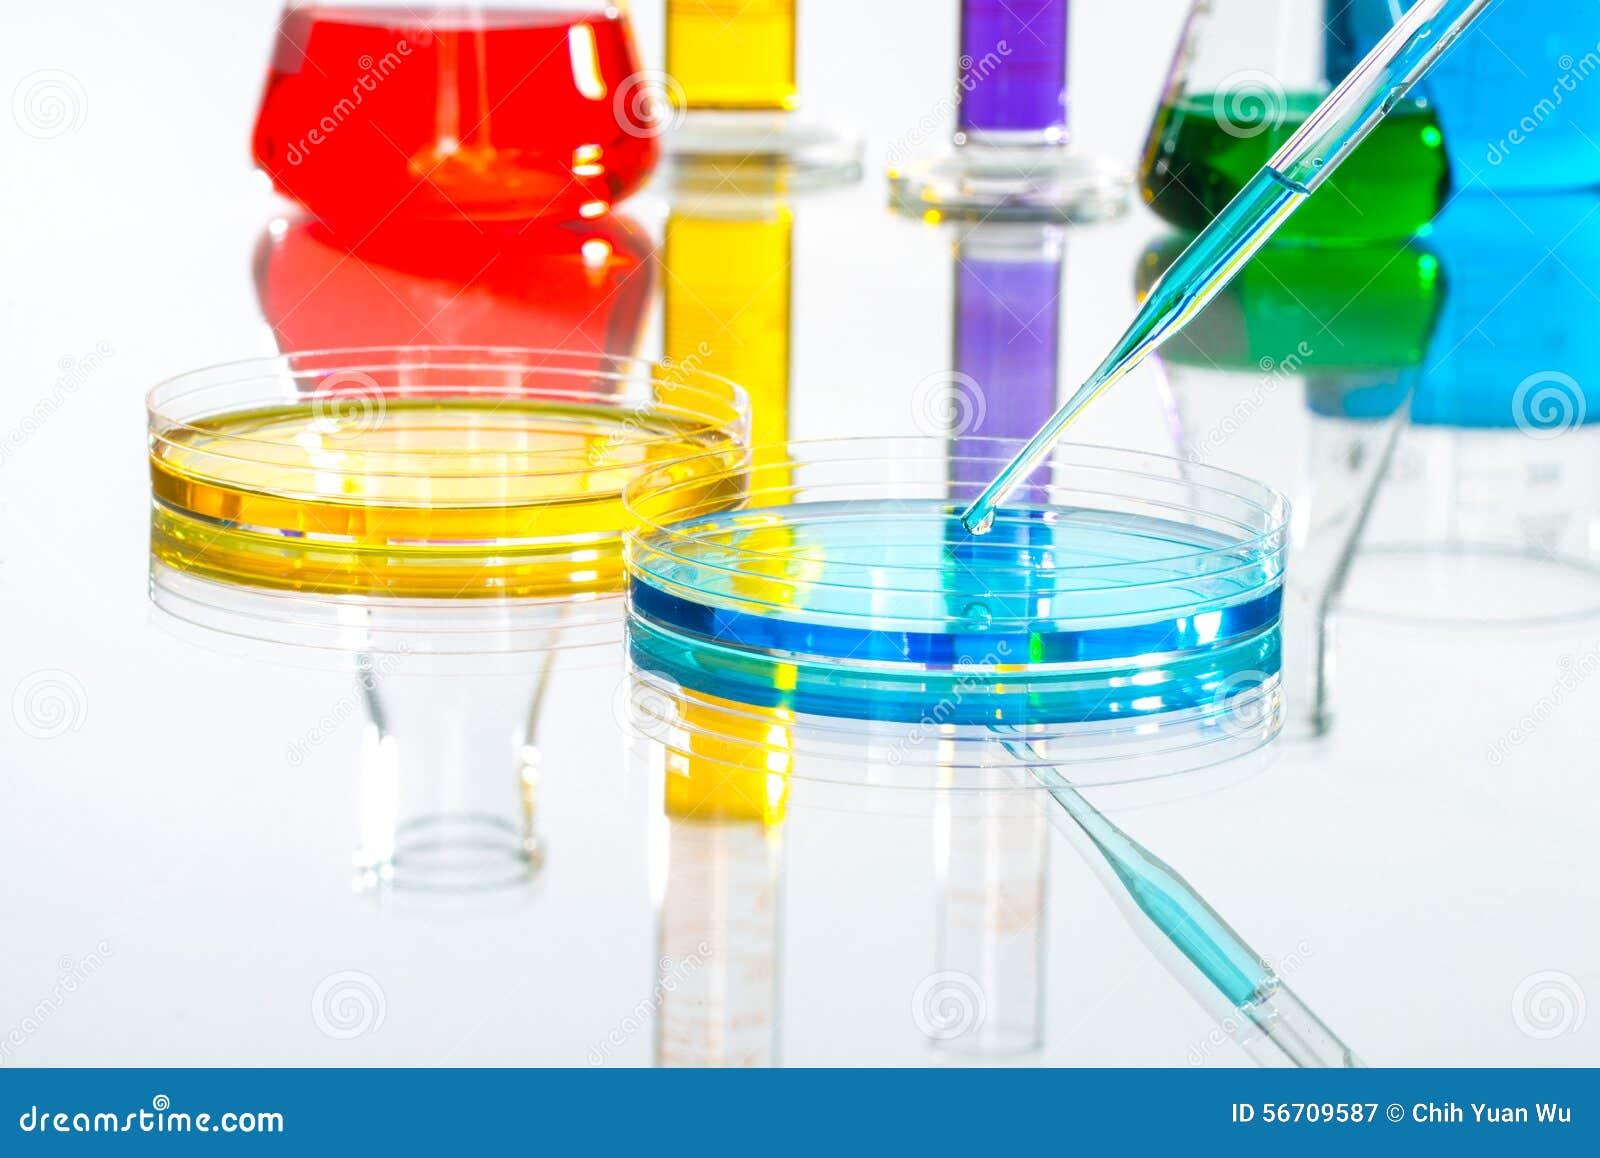 Πτώση σιφωνίων εργαστηριακών γυαλικών επιστήμης, αντανακλαστική άσπρη πλάτη